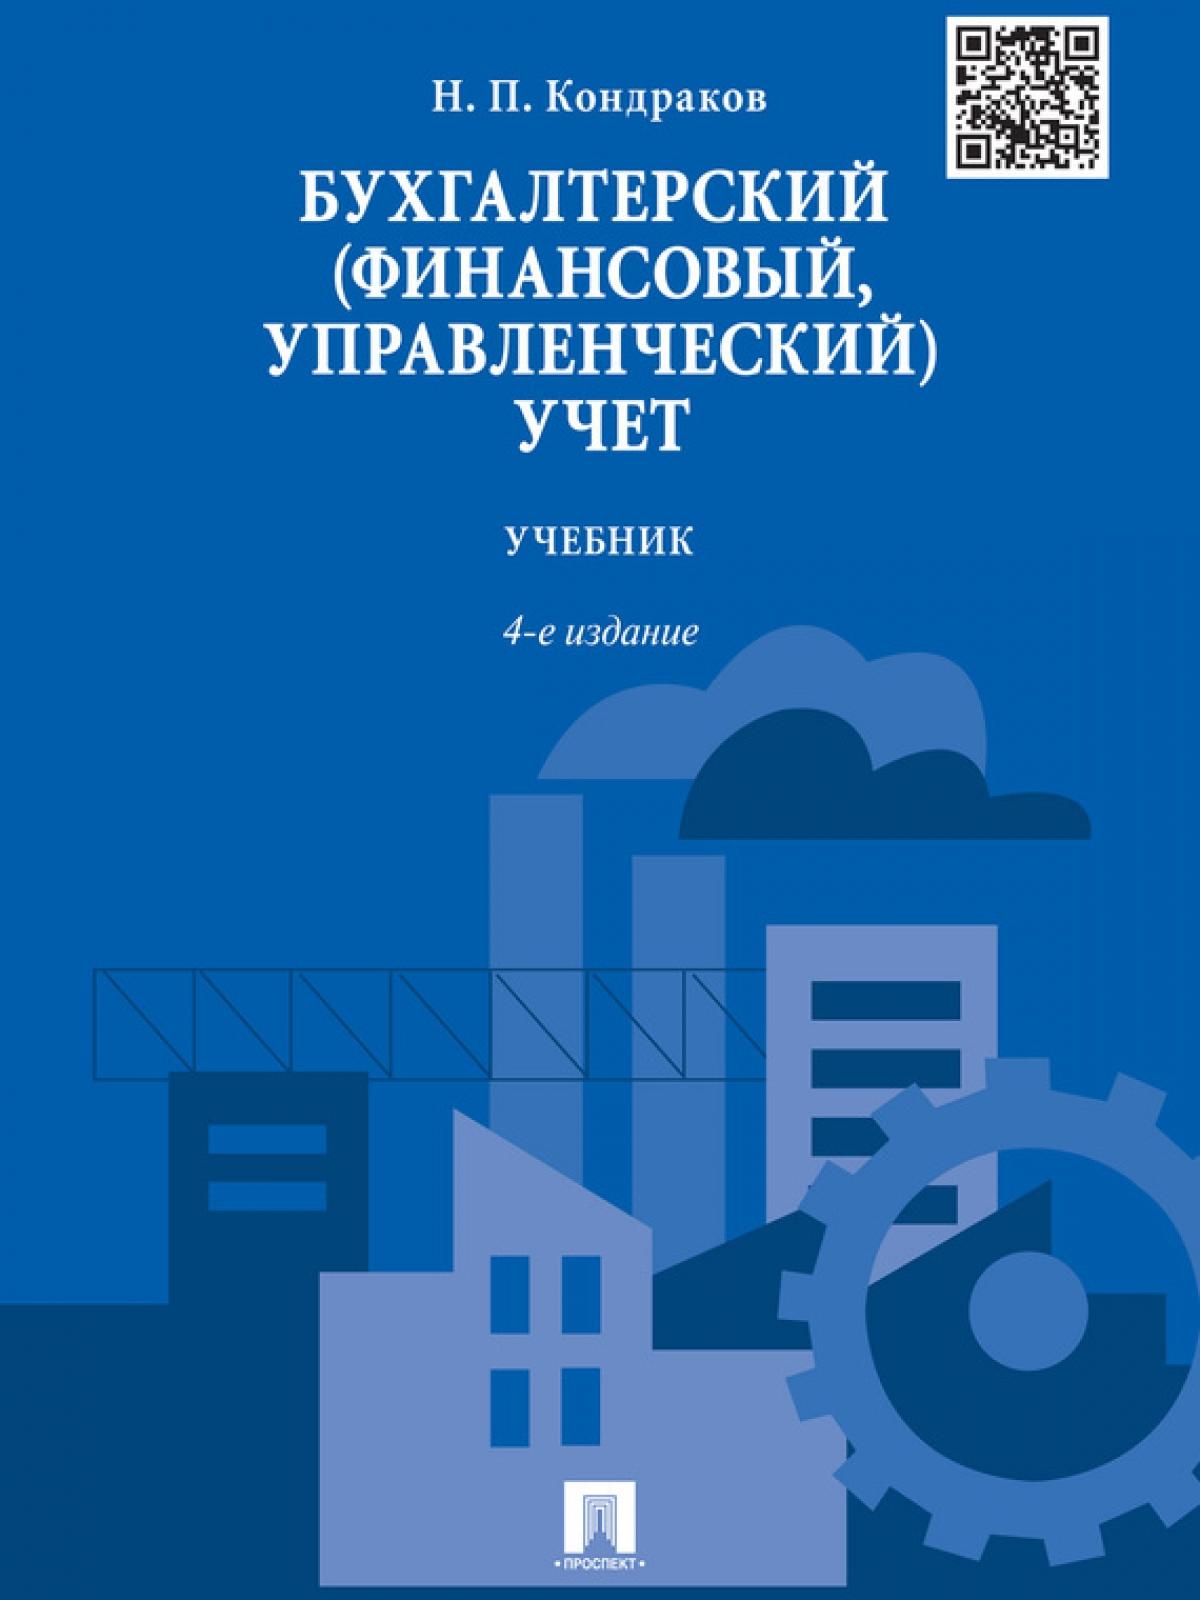 Обложка книги:  н.п. кондраков - бухгалтерский (финансовый, управленческий) учет